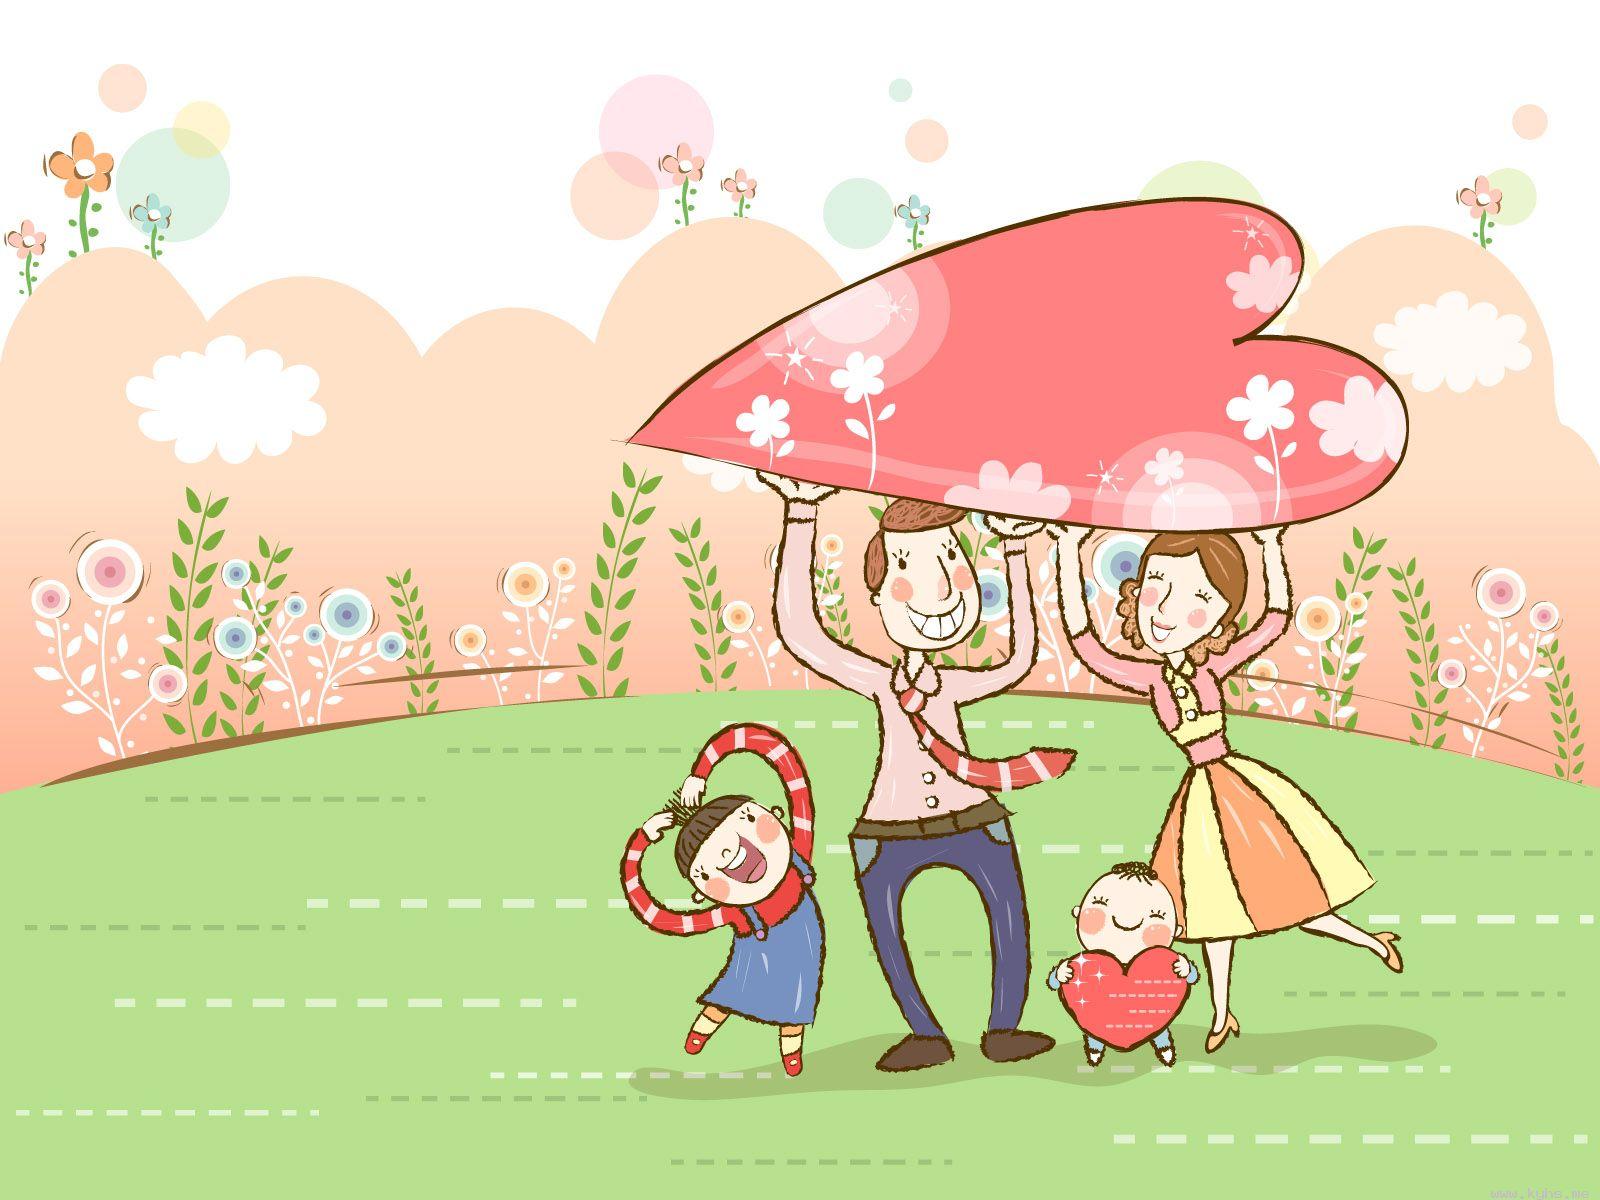 大龄二婚夫妻赴格鲁吉亚试管婴儿成功抱得男宝-蓓贝天使